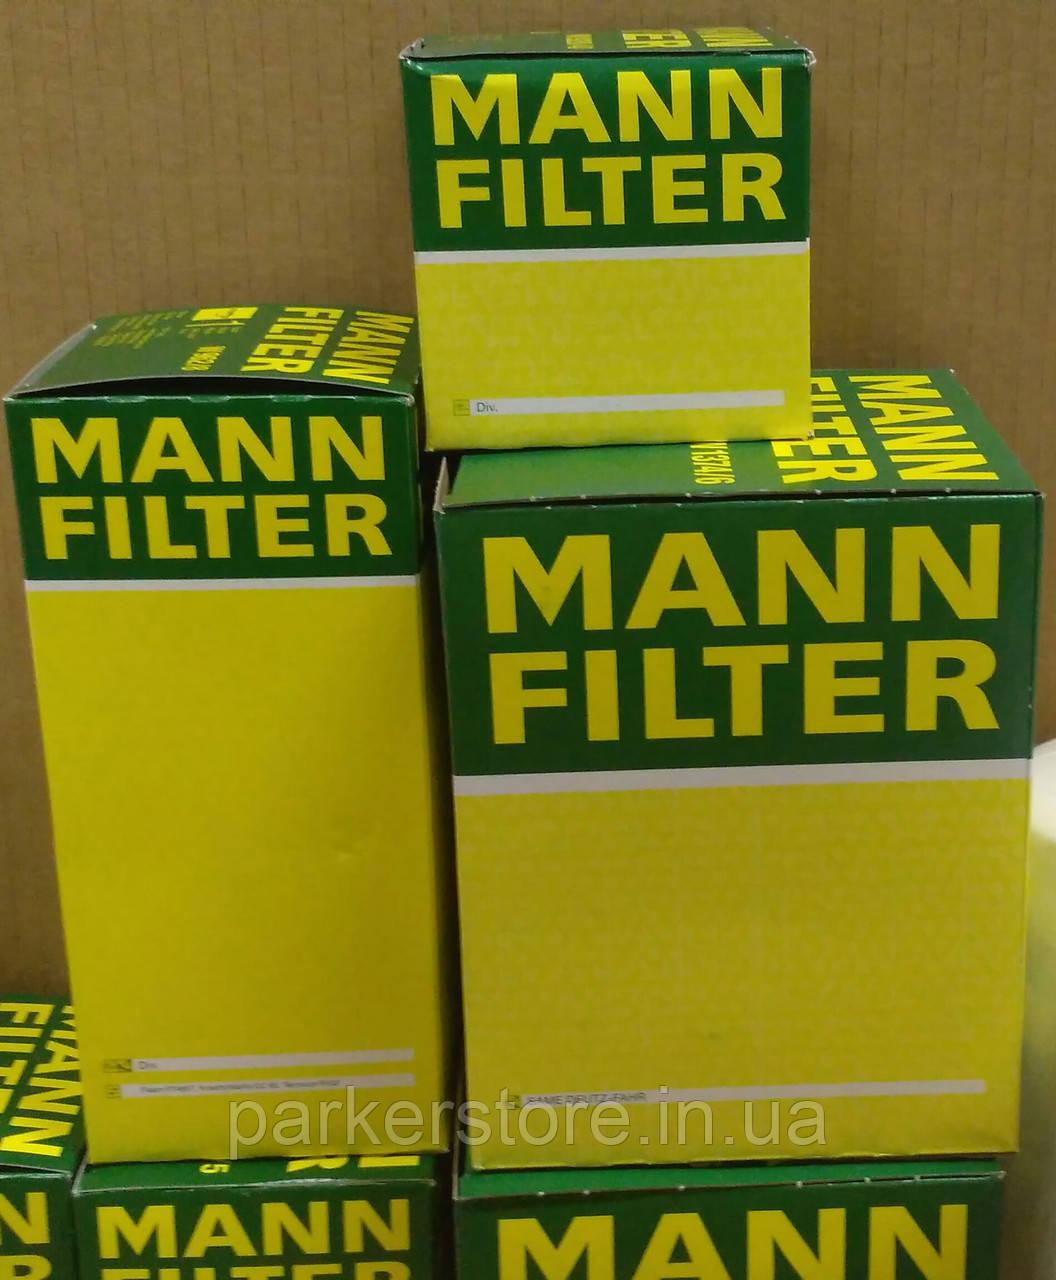 MANN FILTER / Повітряний фільтр / C 2760 / C2760